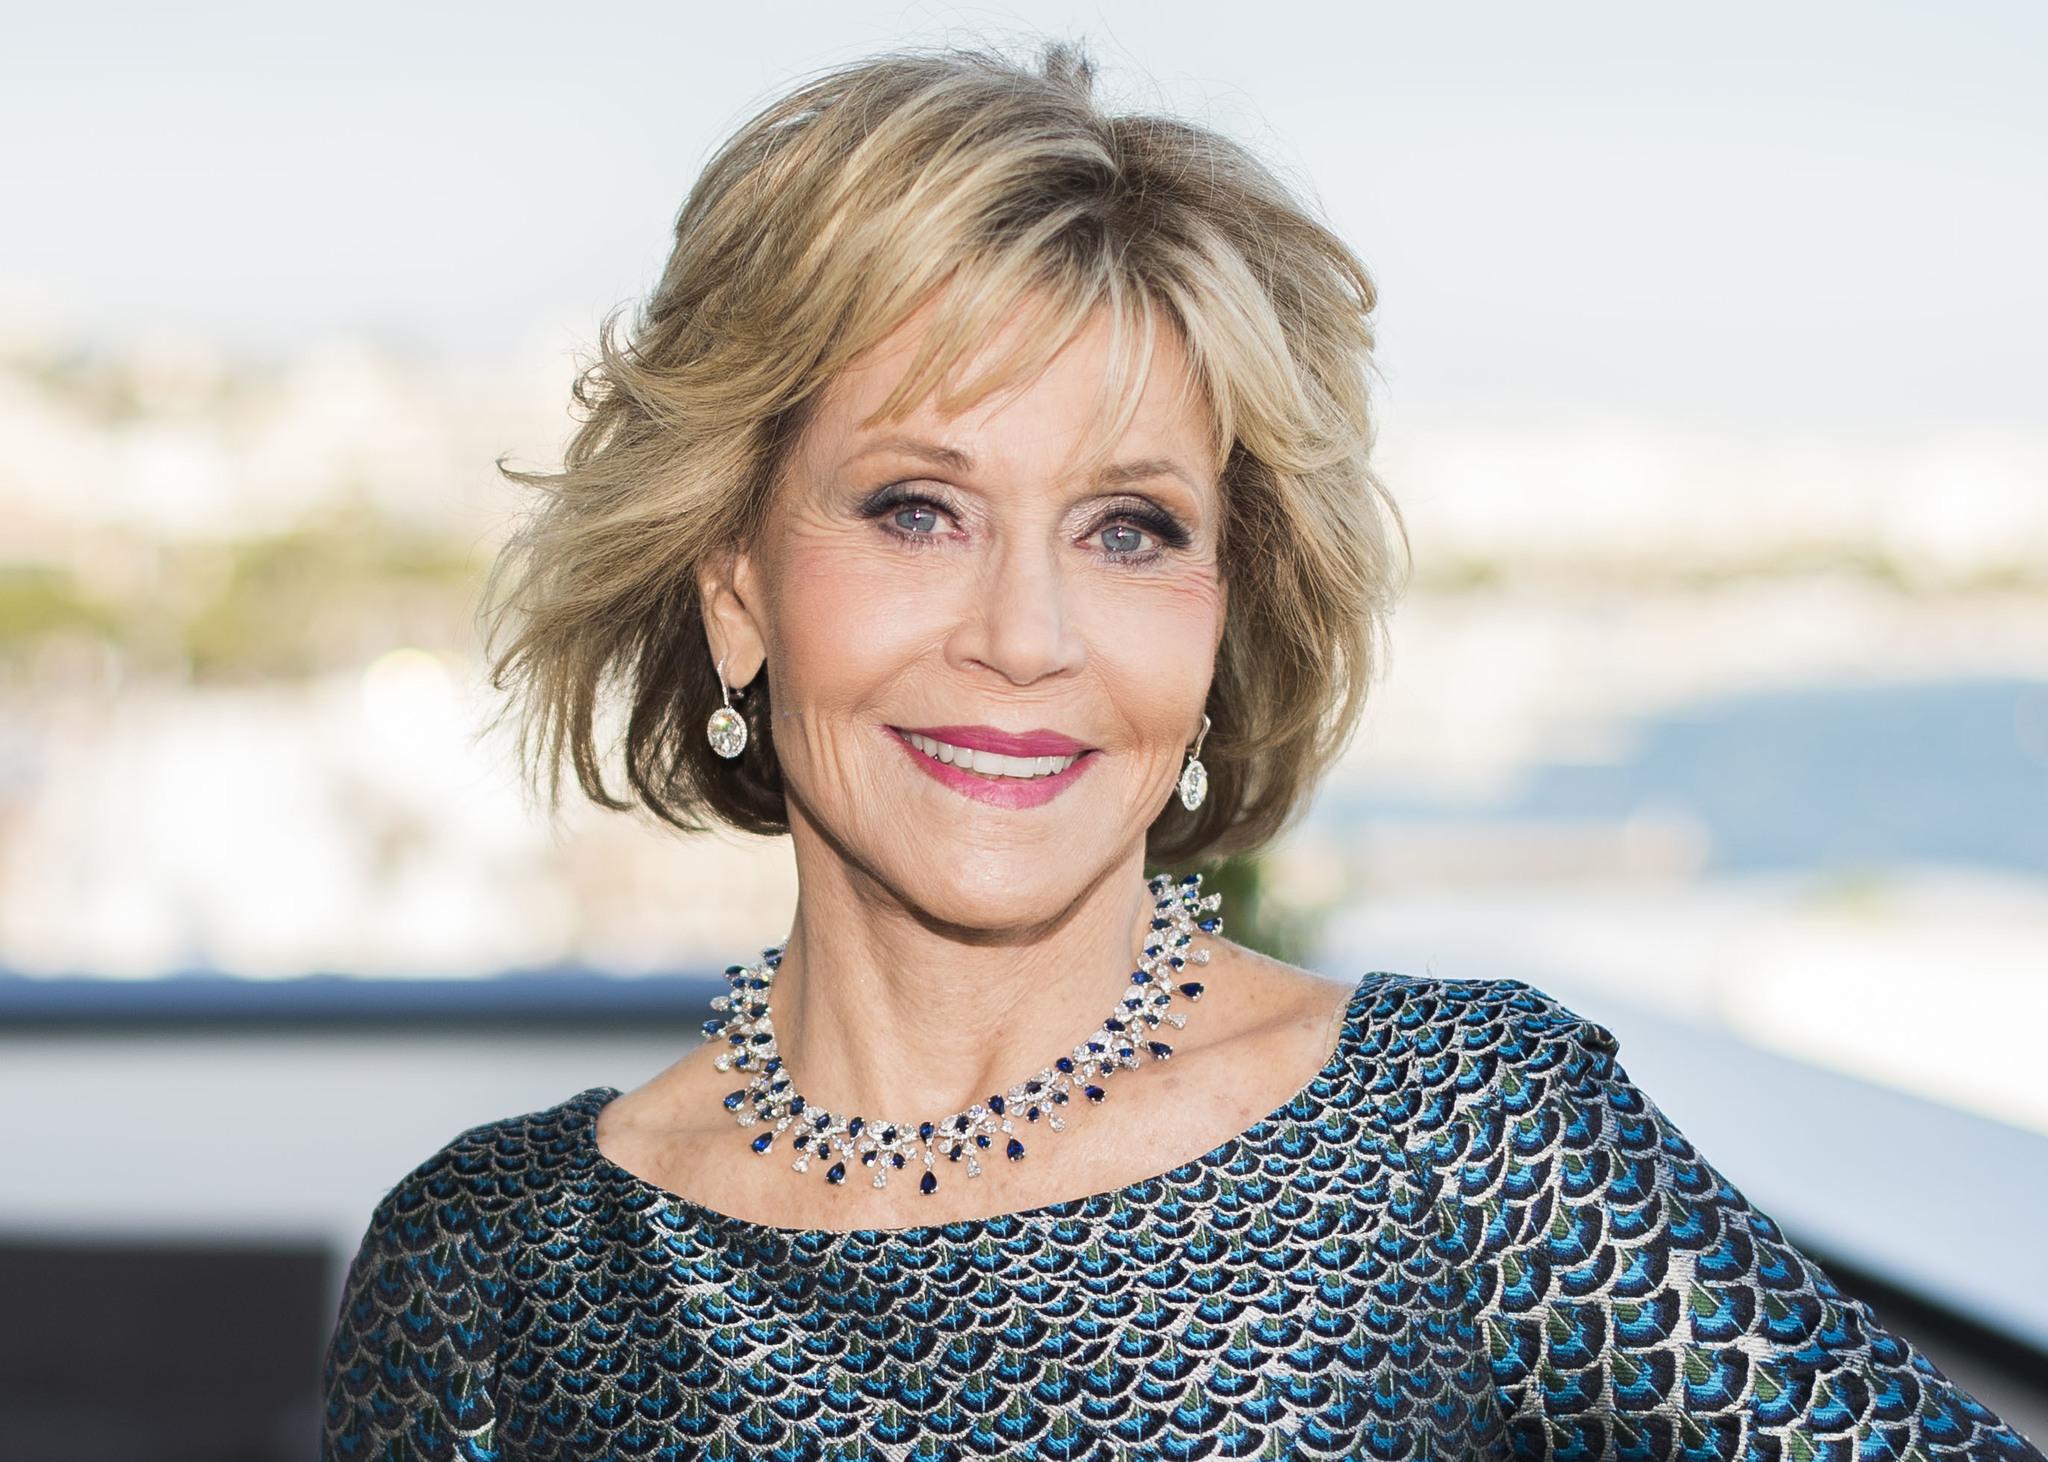 Jane Fonda con un corte shag a capas y con flequillo que destaca sus facciones.